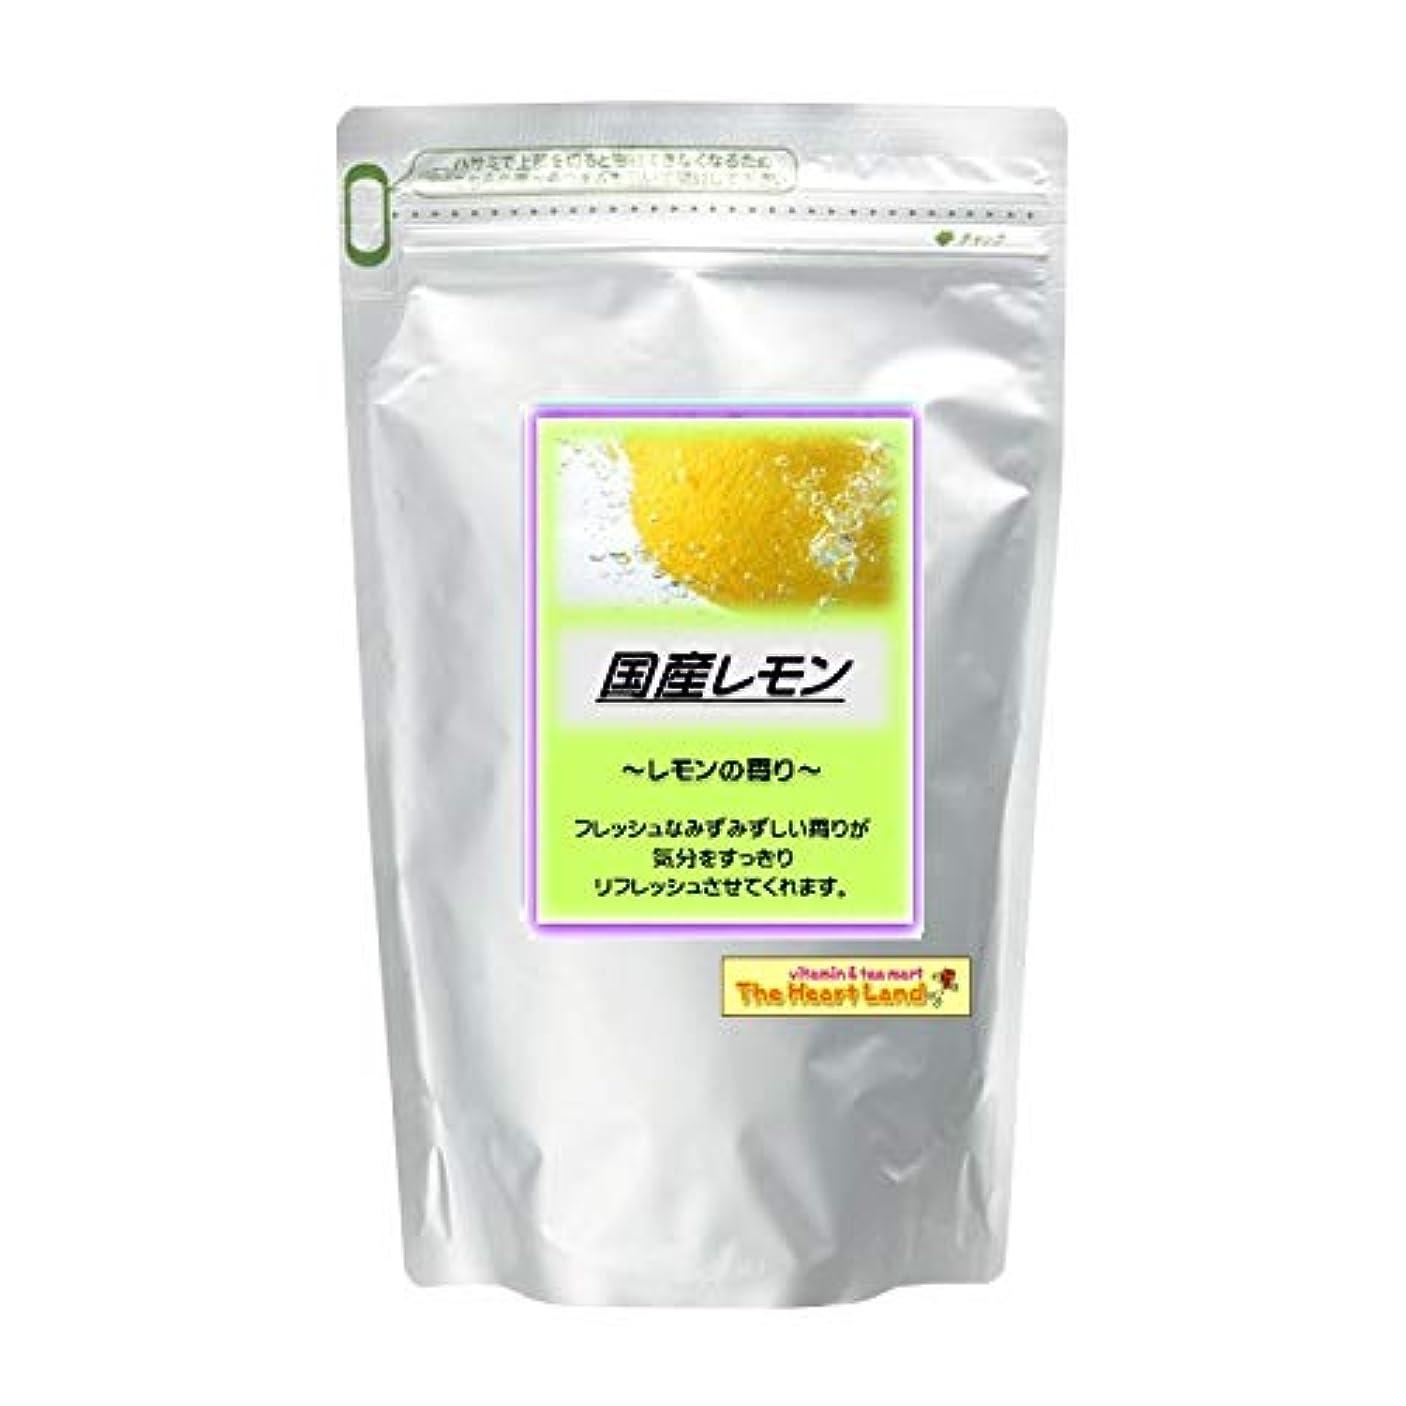 着服小競り合い遵守するアサヒ入浴剤 浴用入浴化粧品 国産レモン 300g